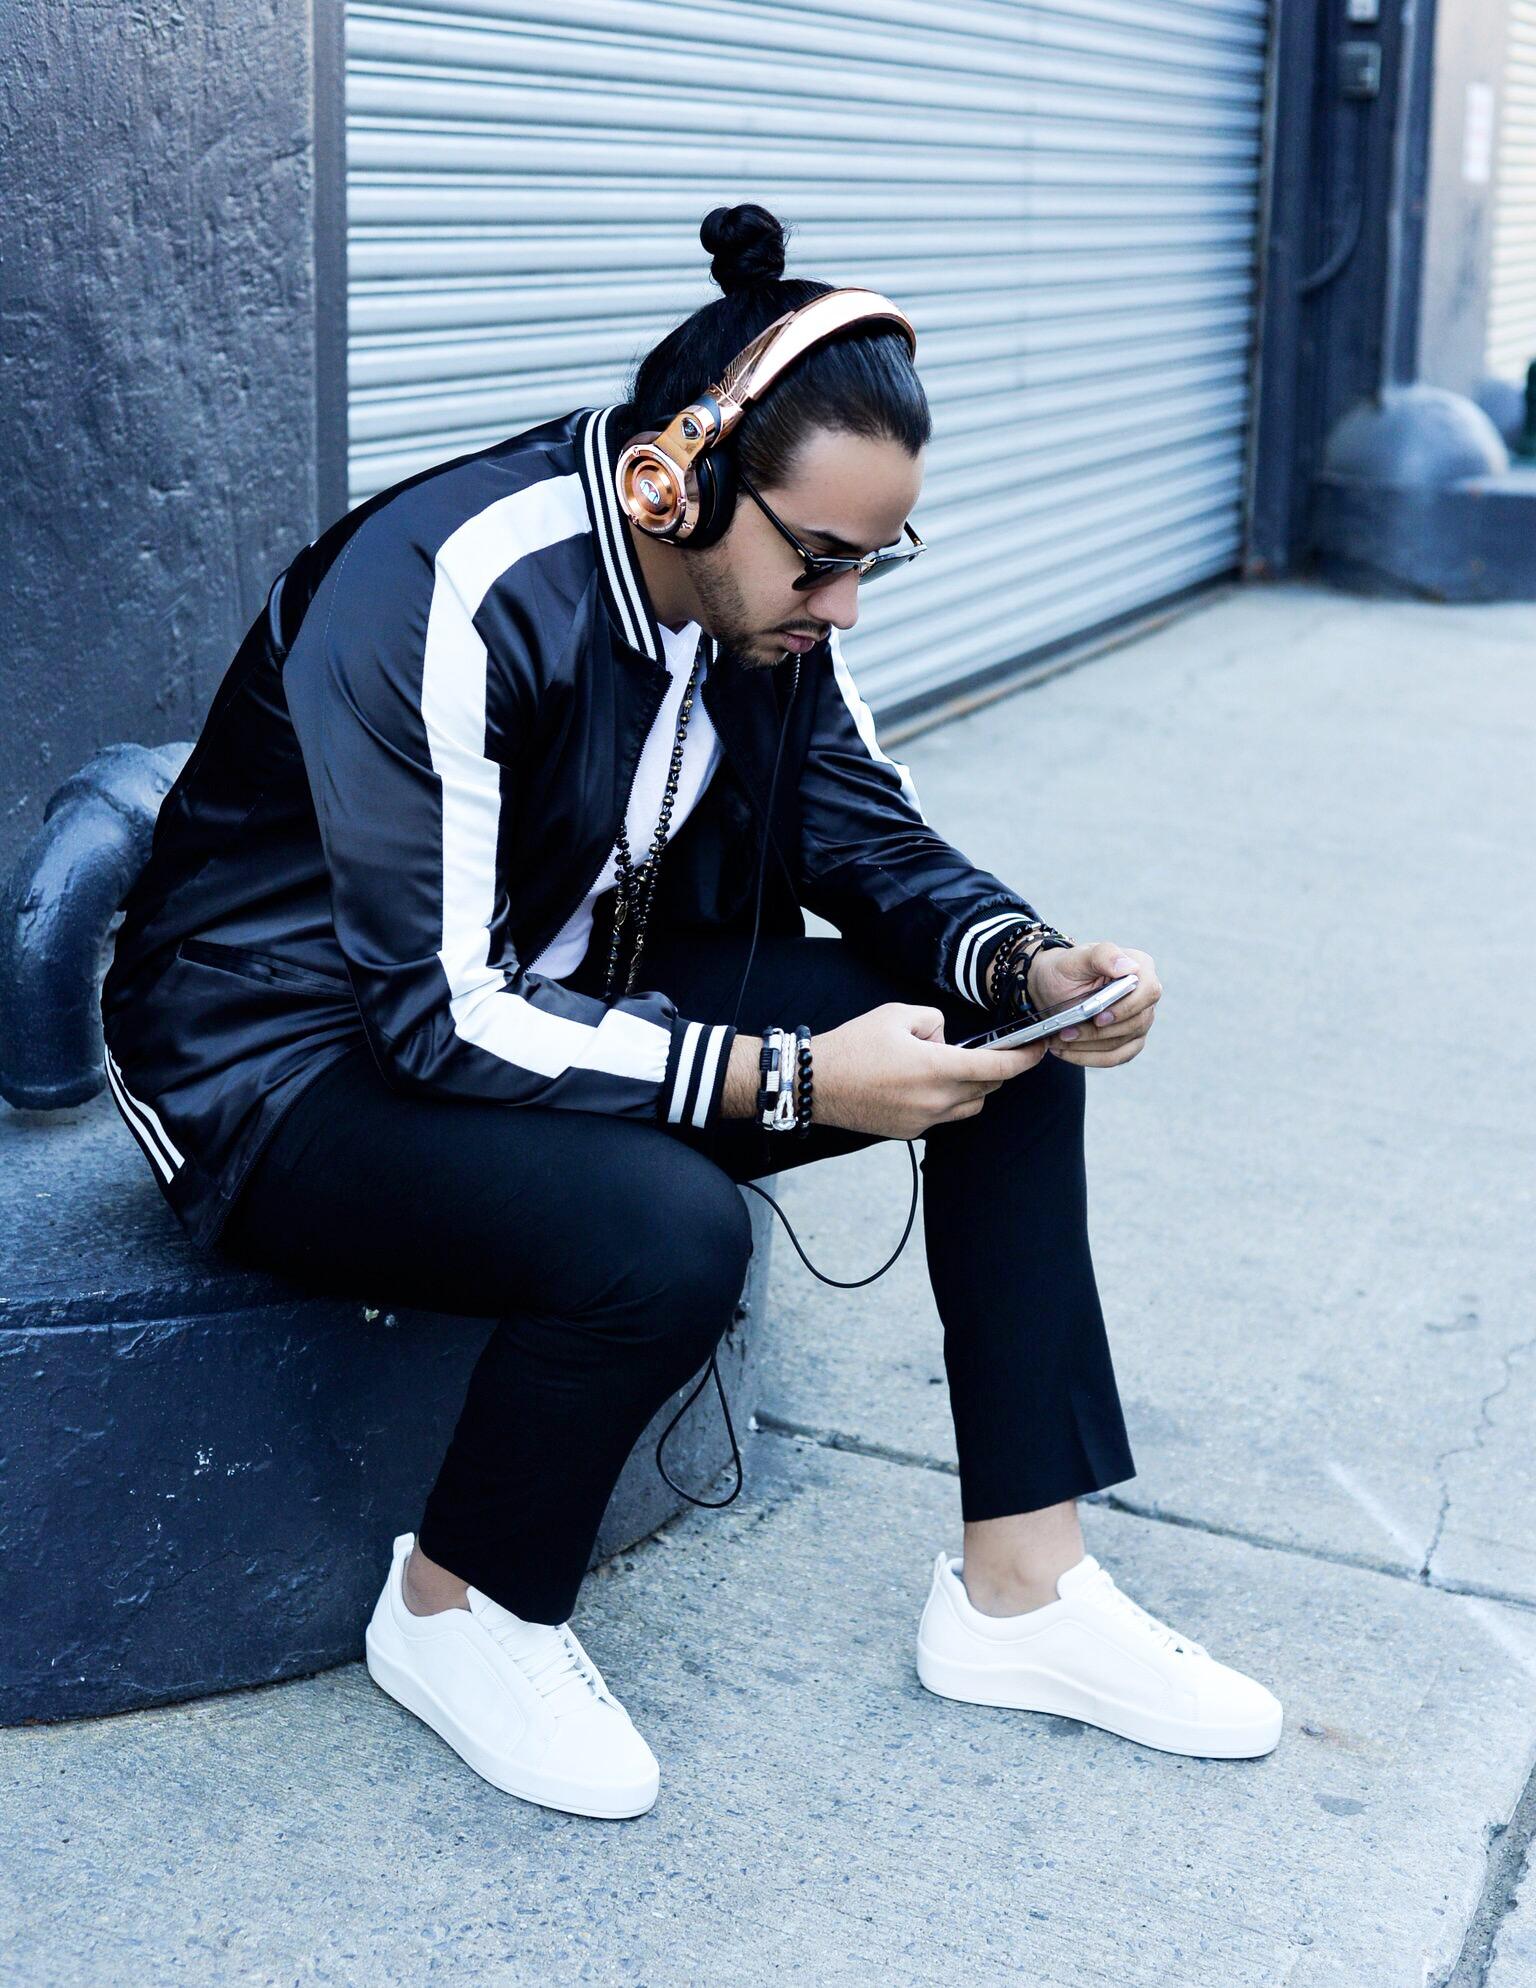 24K Over-Ear headphones